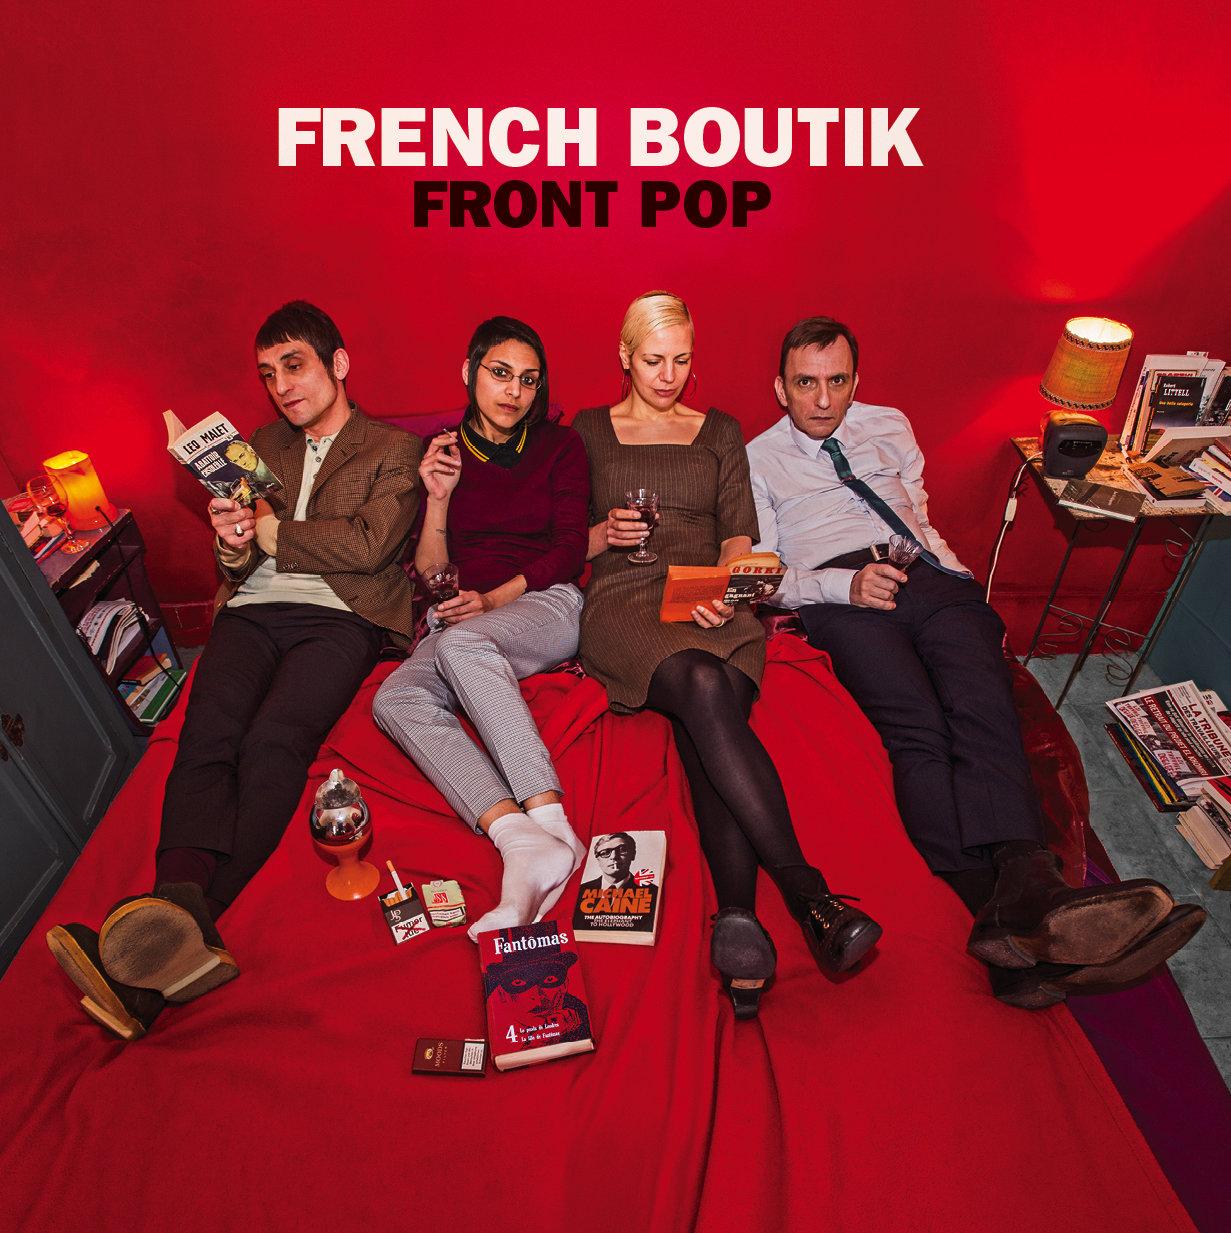 Front Pop Red Vinyl Album w/ intl ship